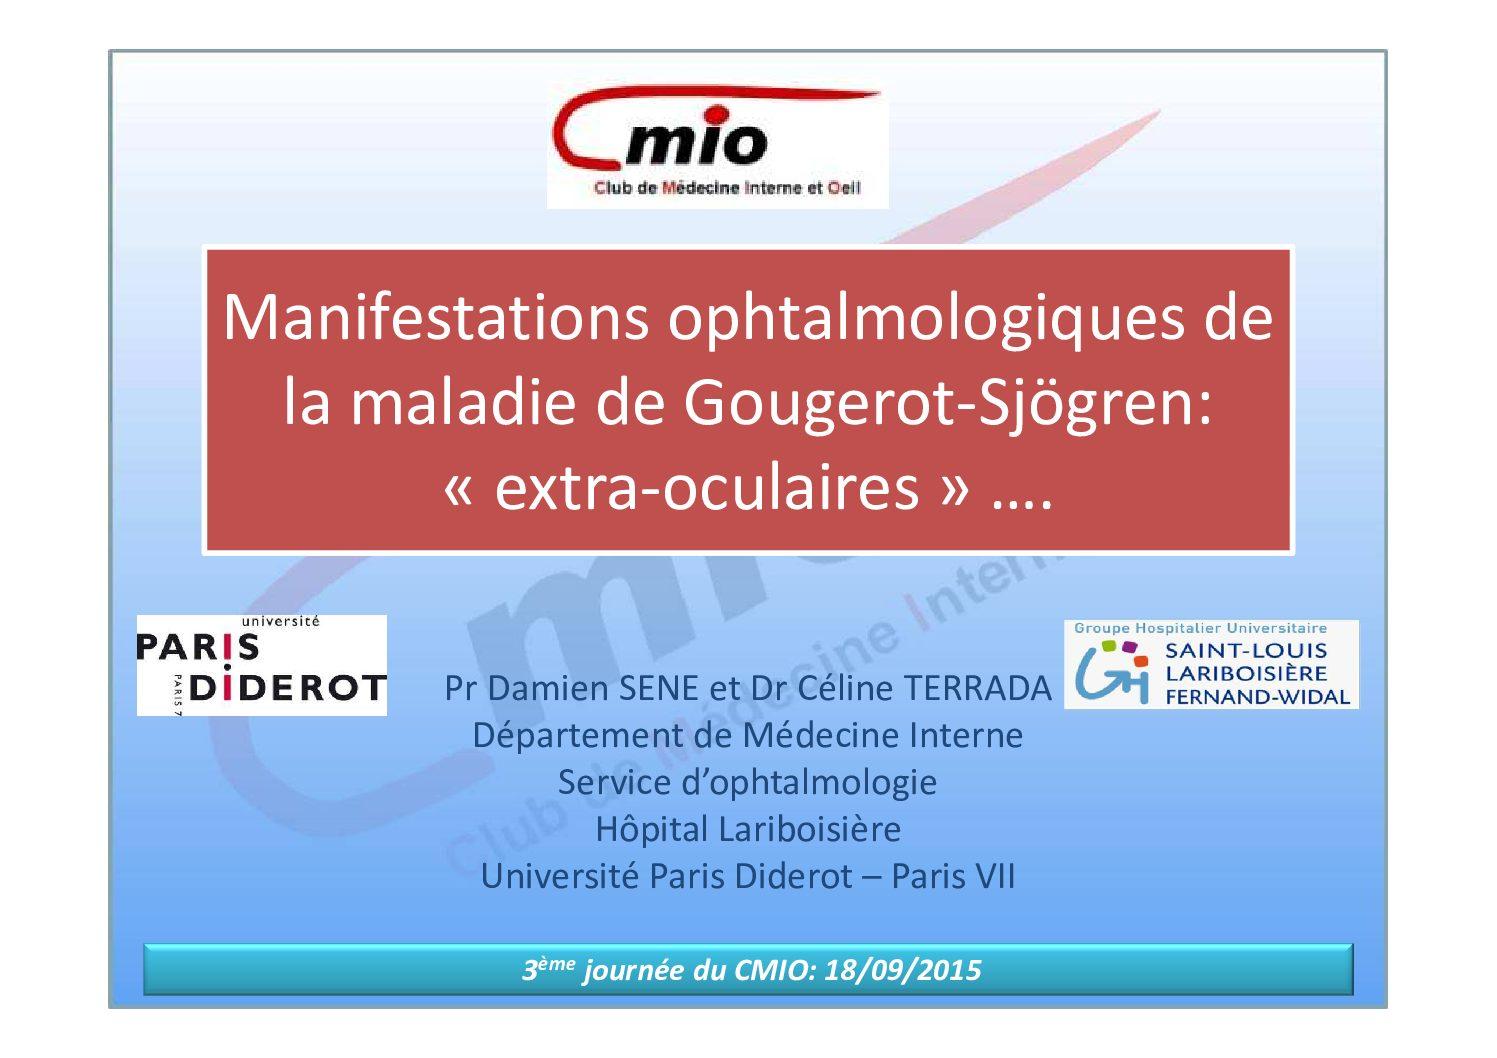 Manifestations ophtalmologiques du syndrome de Goujerot-Sjögren